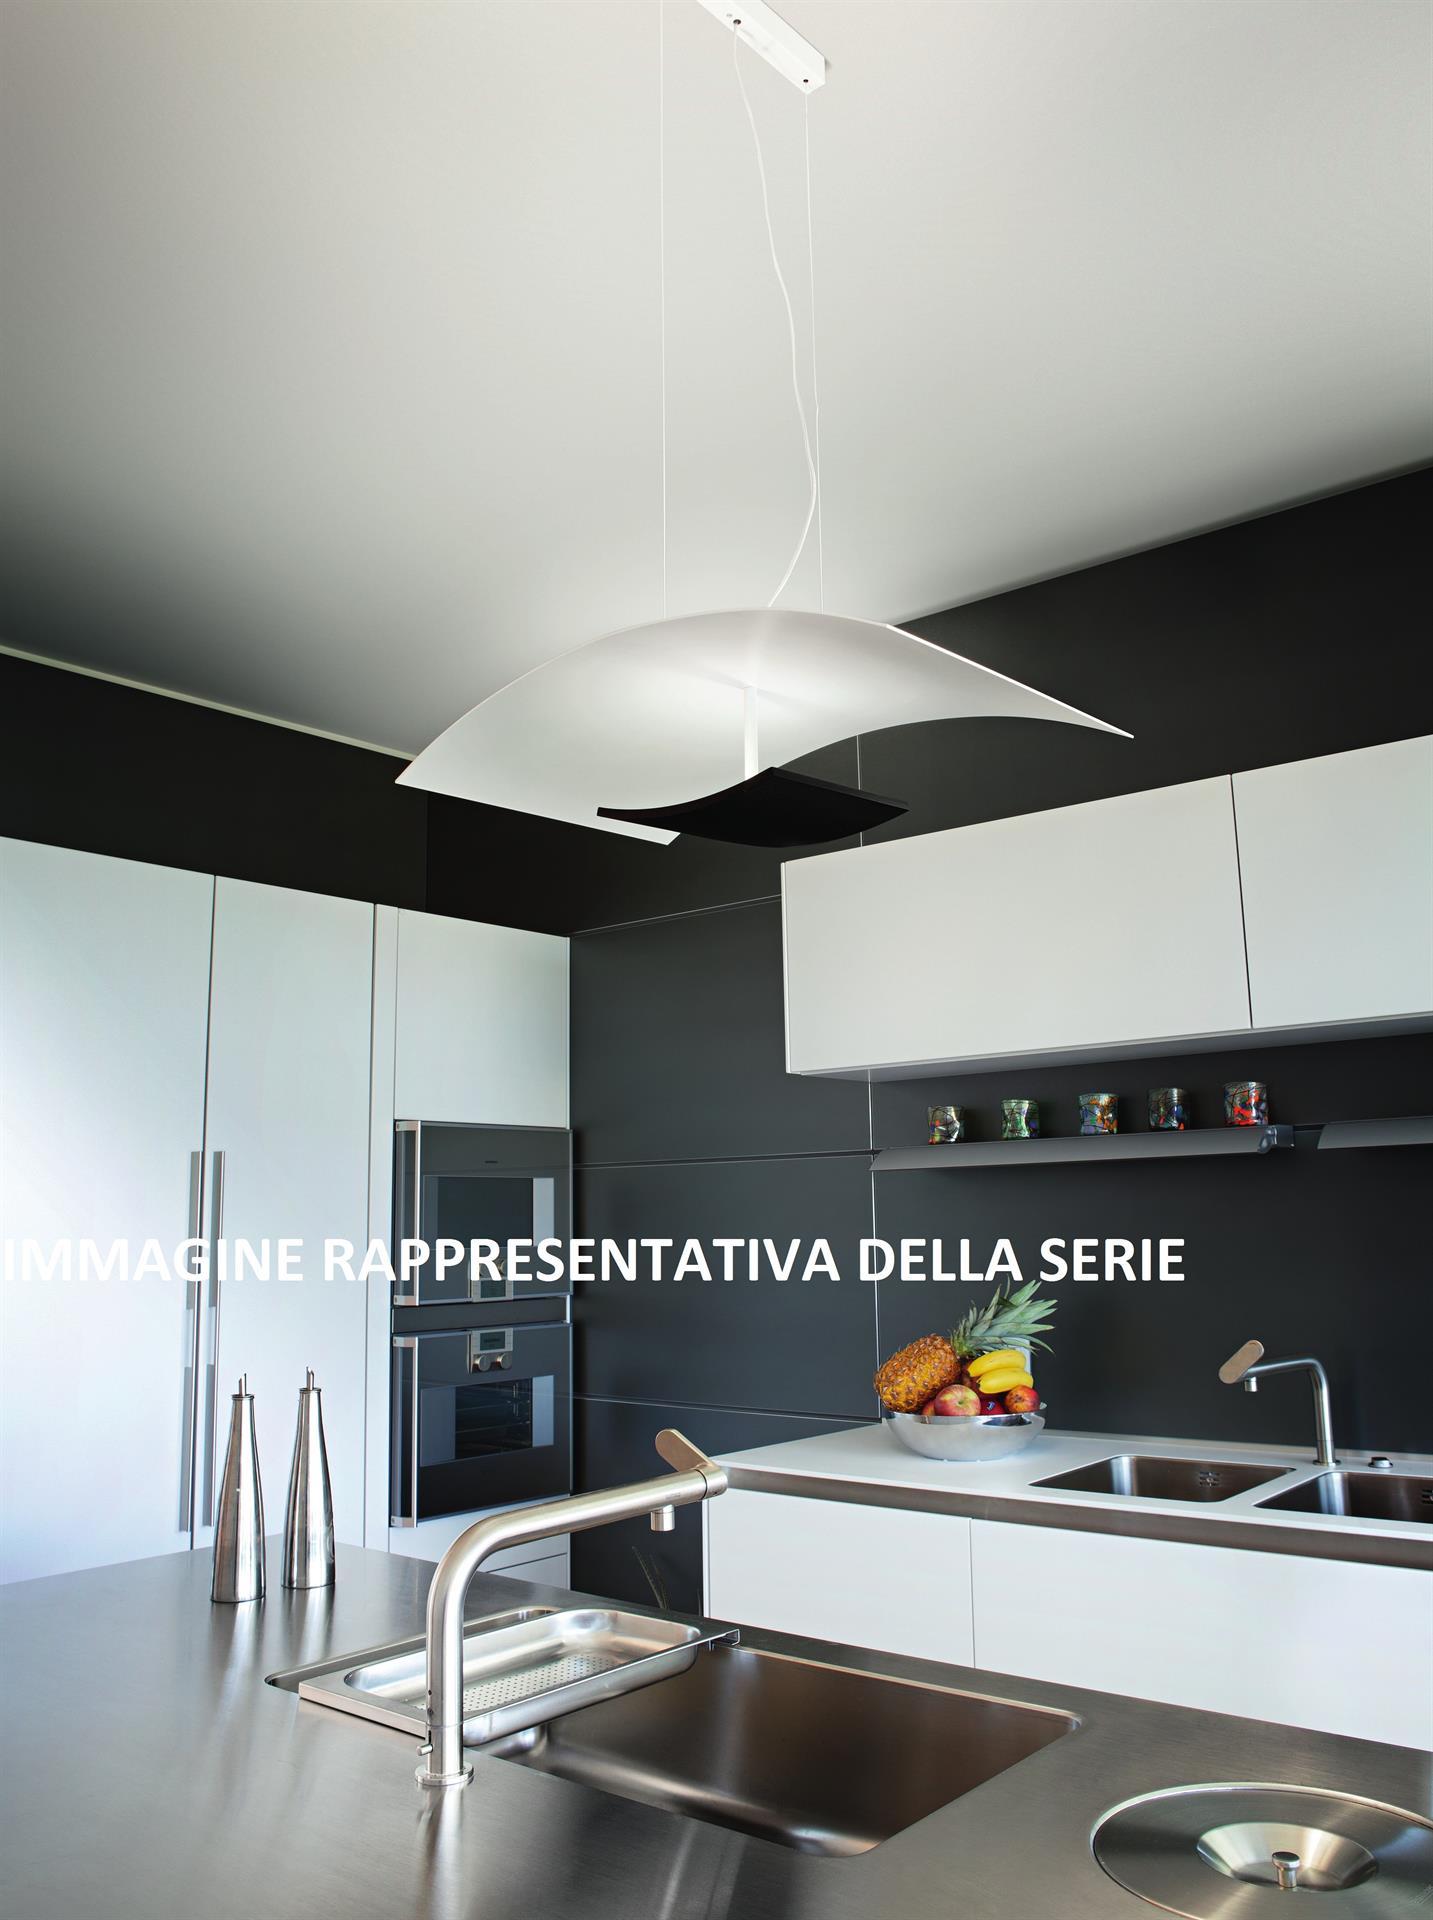 Illuminazione In Cucina Moderna.Lampadario 65cm Per Cucina Moderna Bianco Nero Led Doppia